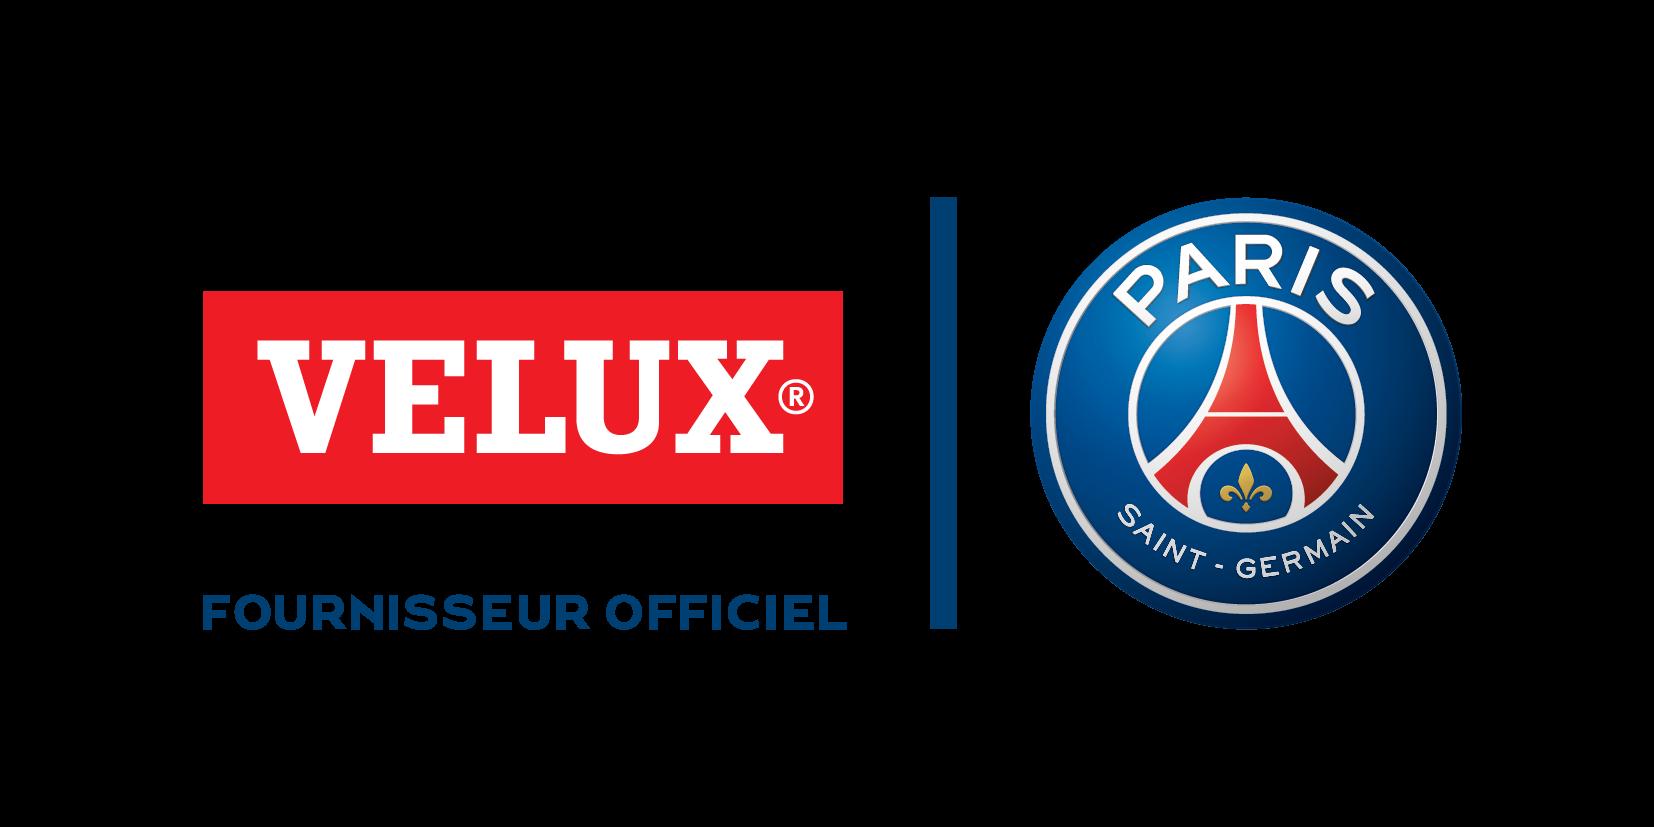 velux france devient partenaire du paris saint germain handball. Black Bedroom Furniture Sets. Home Design Ideas